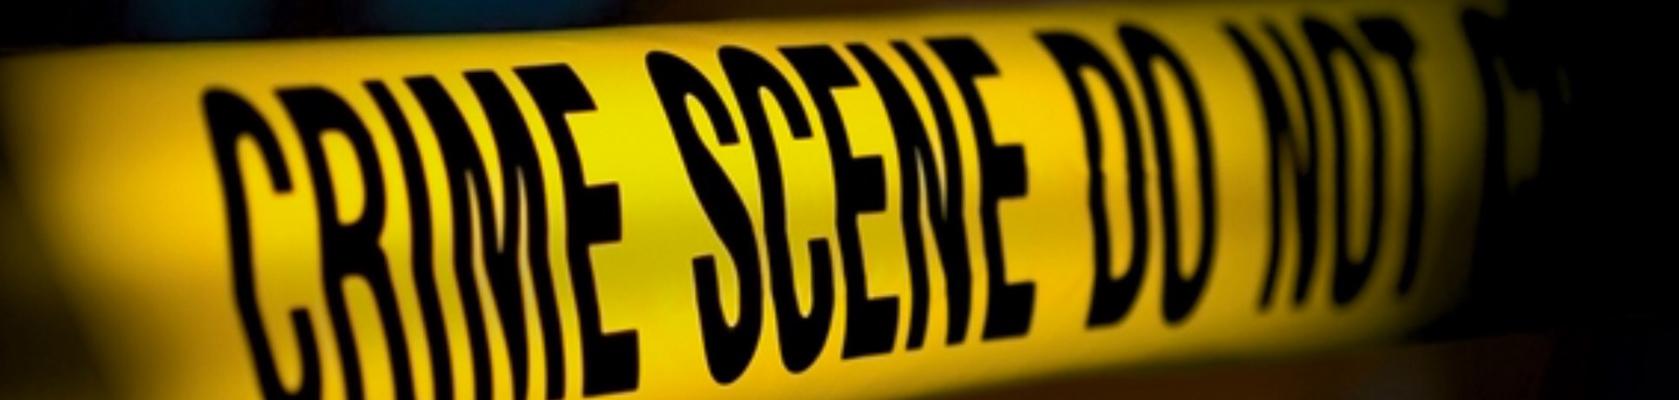 PERIZIE CONSULENZE SULLA SCENA DEL CRIMINE AD USO FORENSE